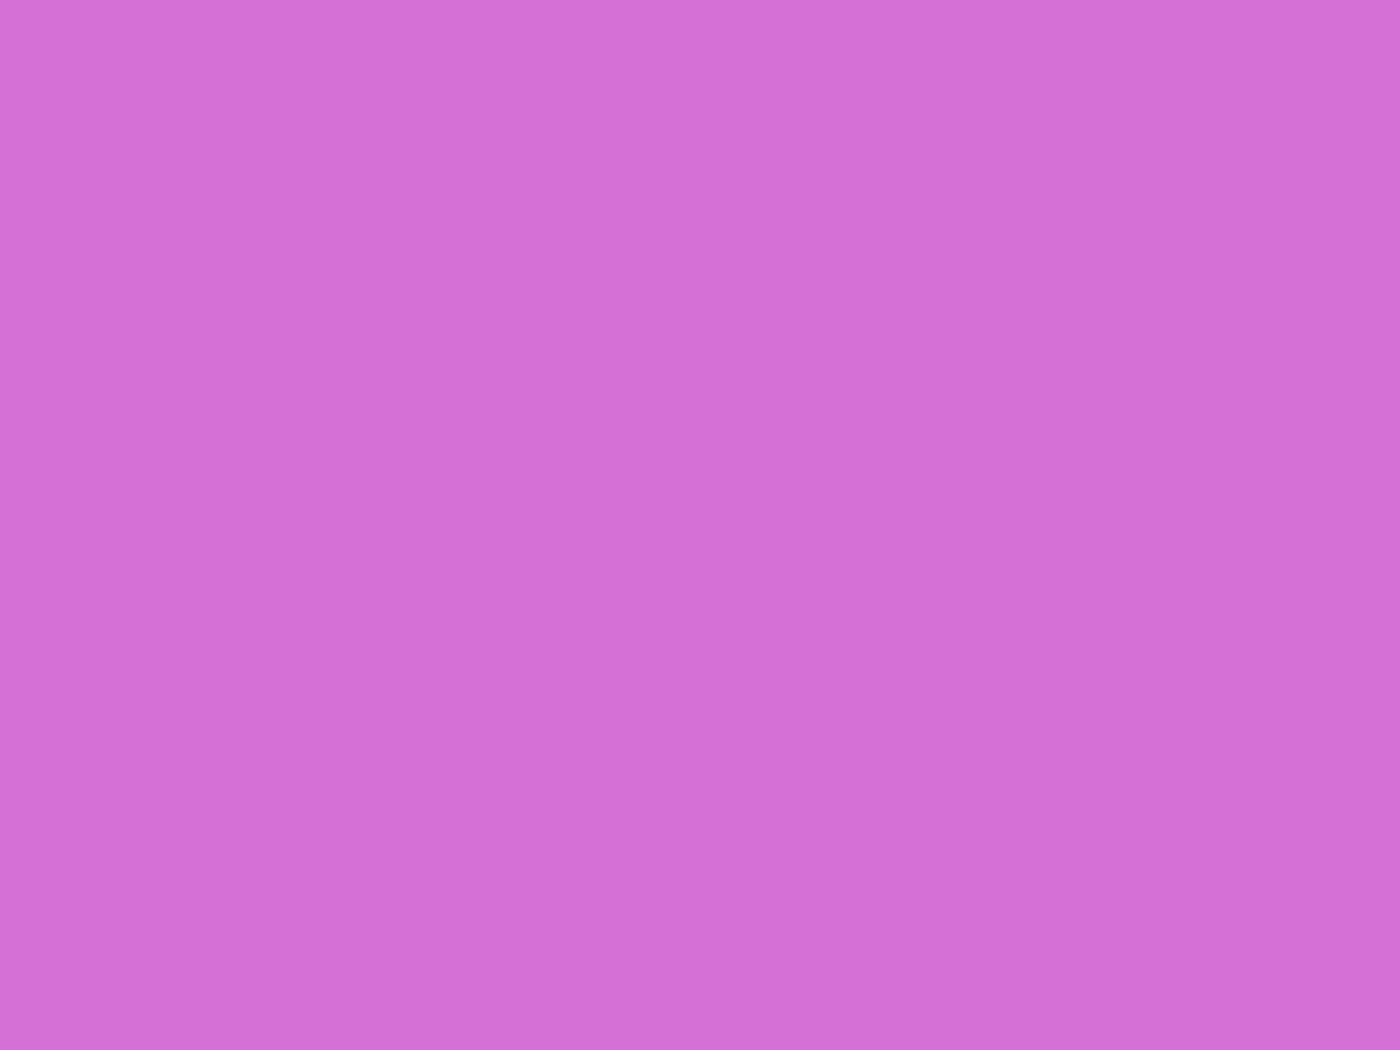 1400x1050 Deep Mauve Solid Color Background